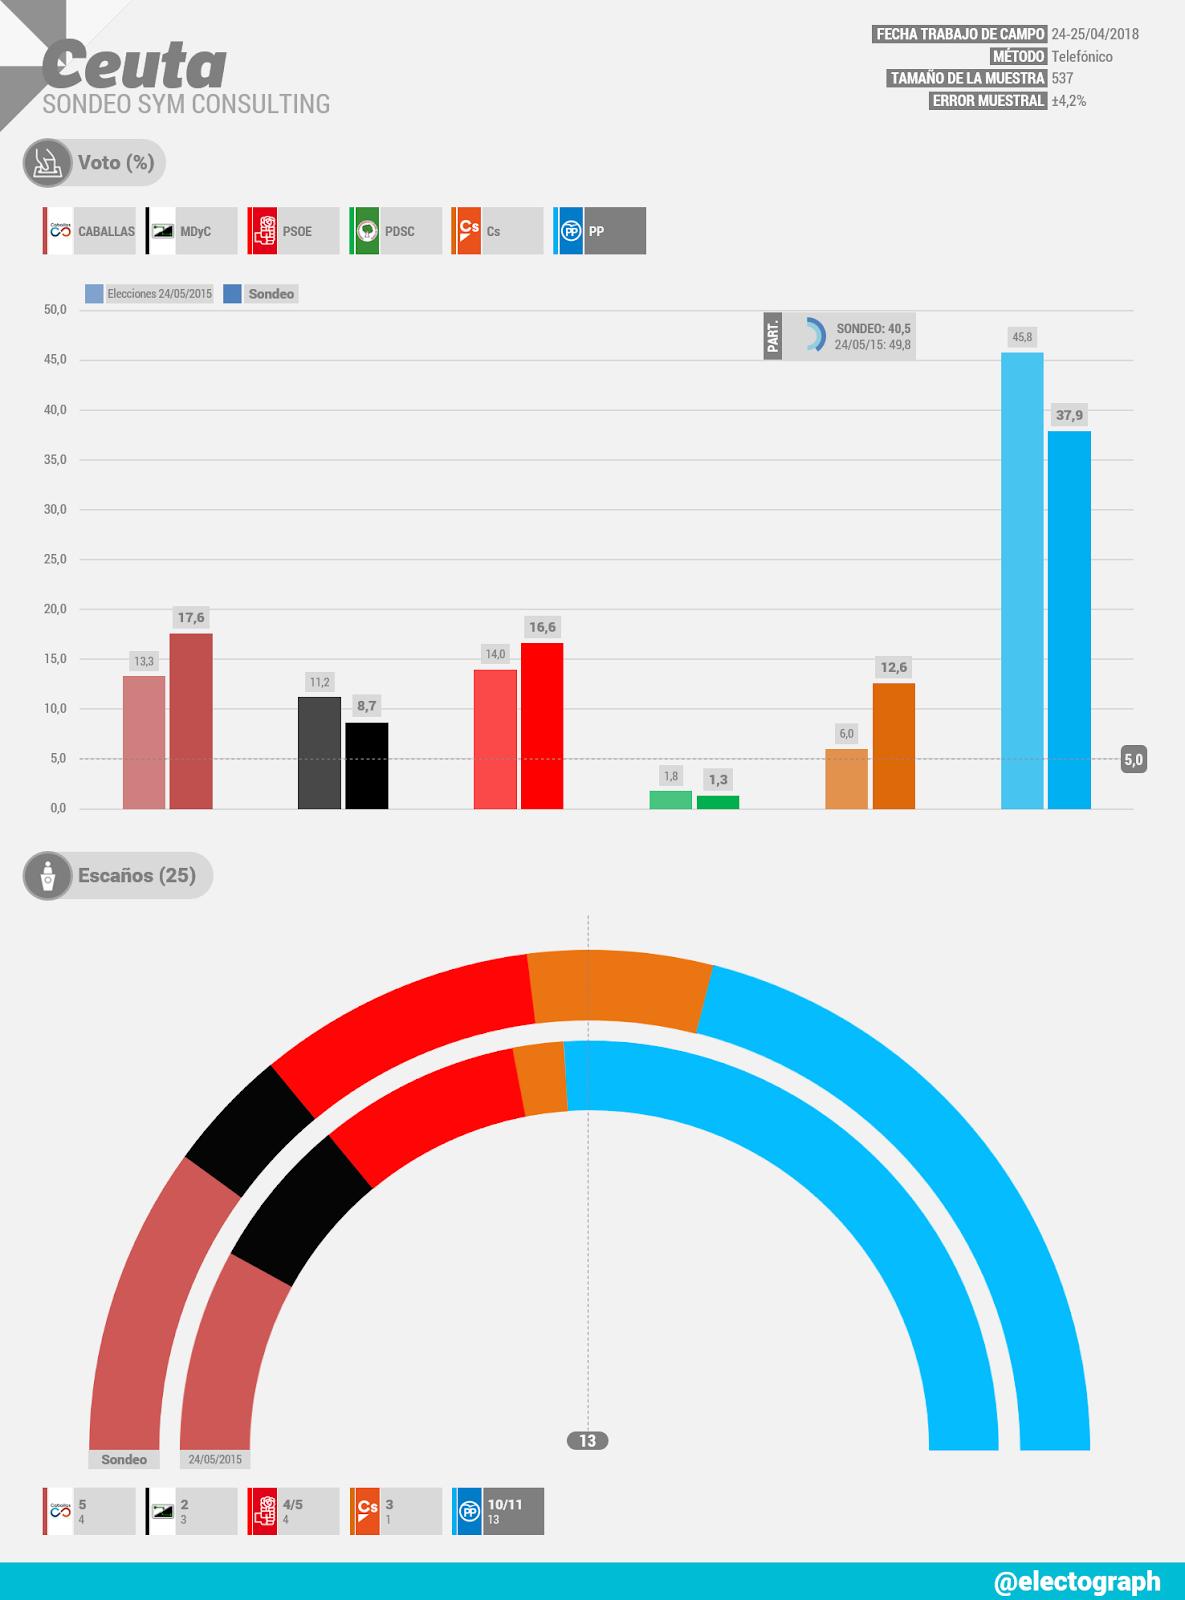 Gráfico de la encuesta para elecciones autonómicas en Ceuta realizada por SyM Consulting en abril de 2018